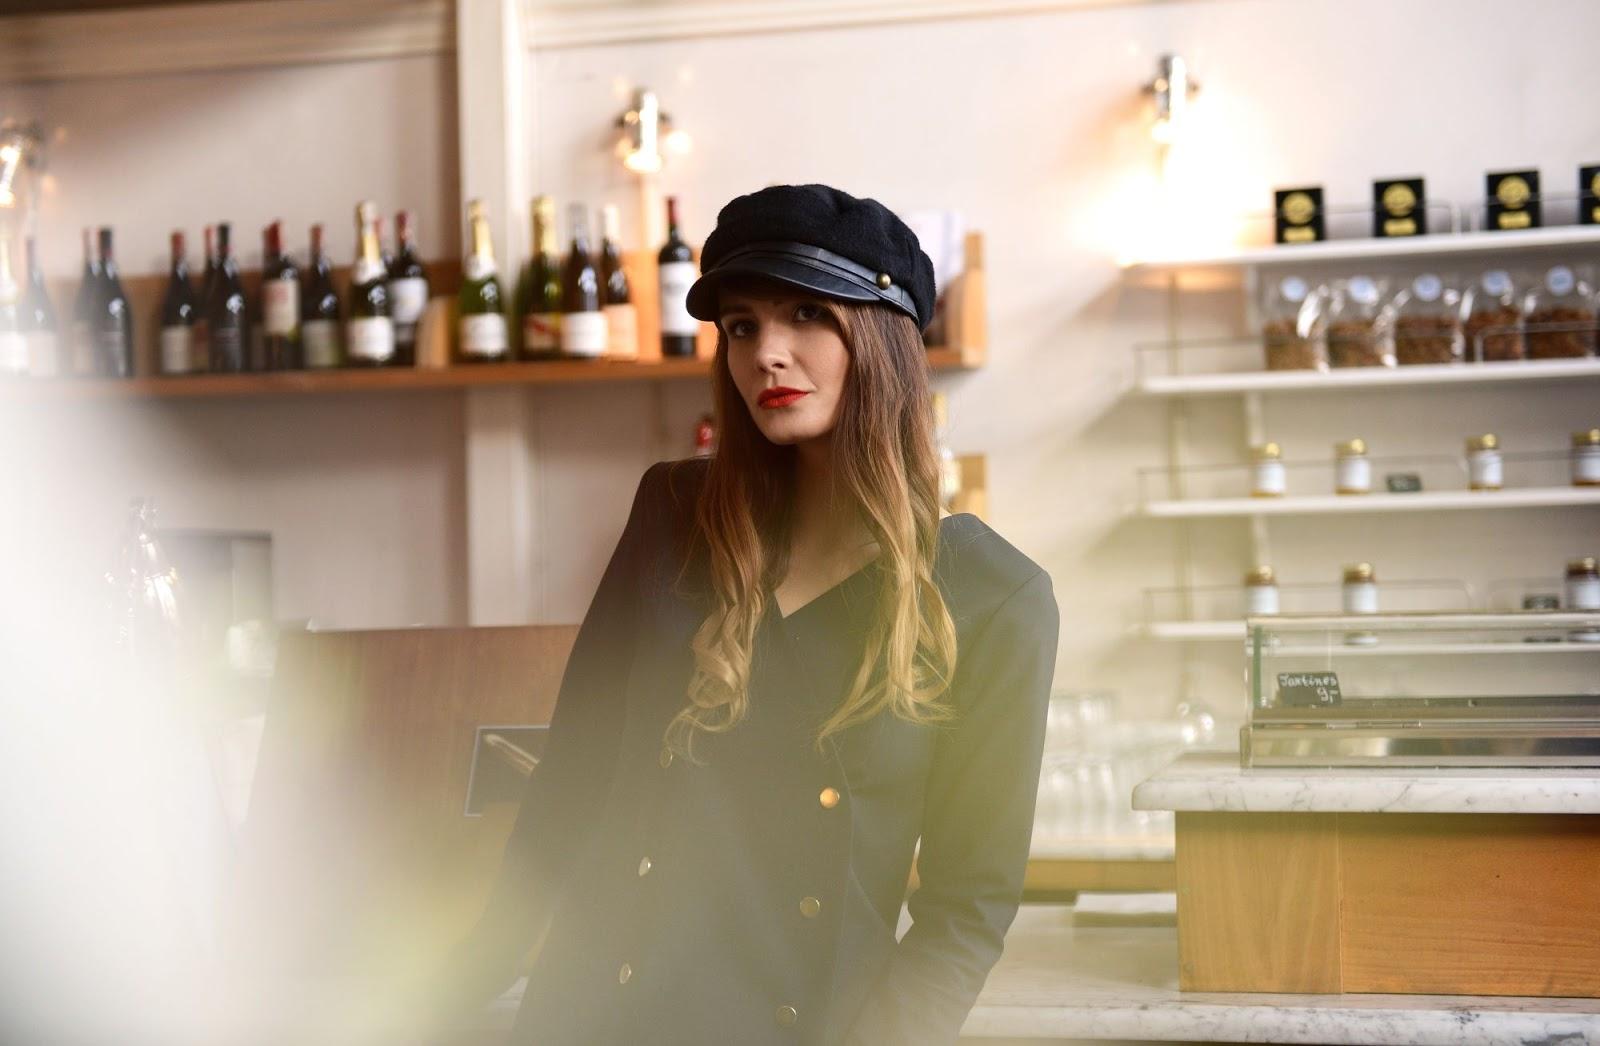 blogerka modowa | blog o modzie | najlepszy blog modowy | przekonania